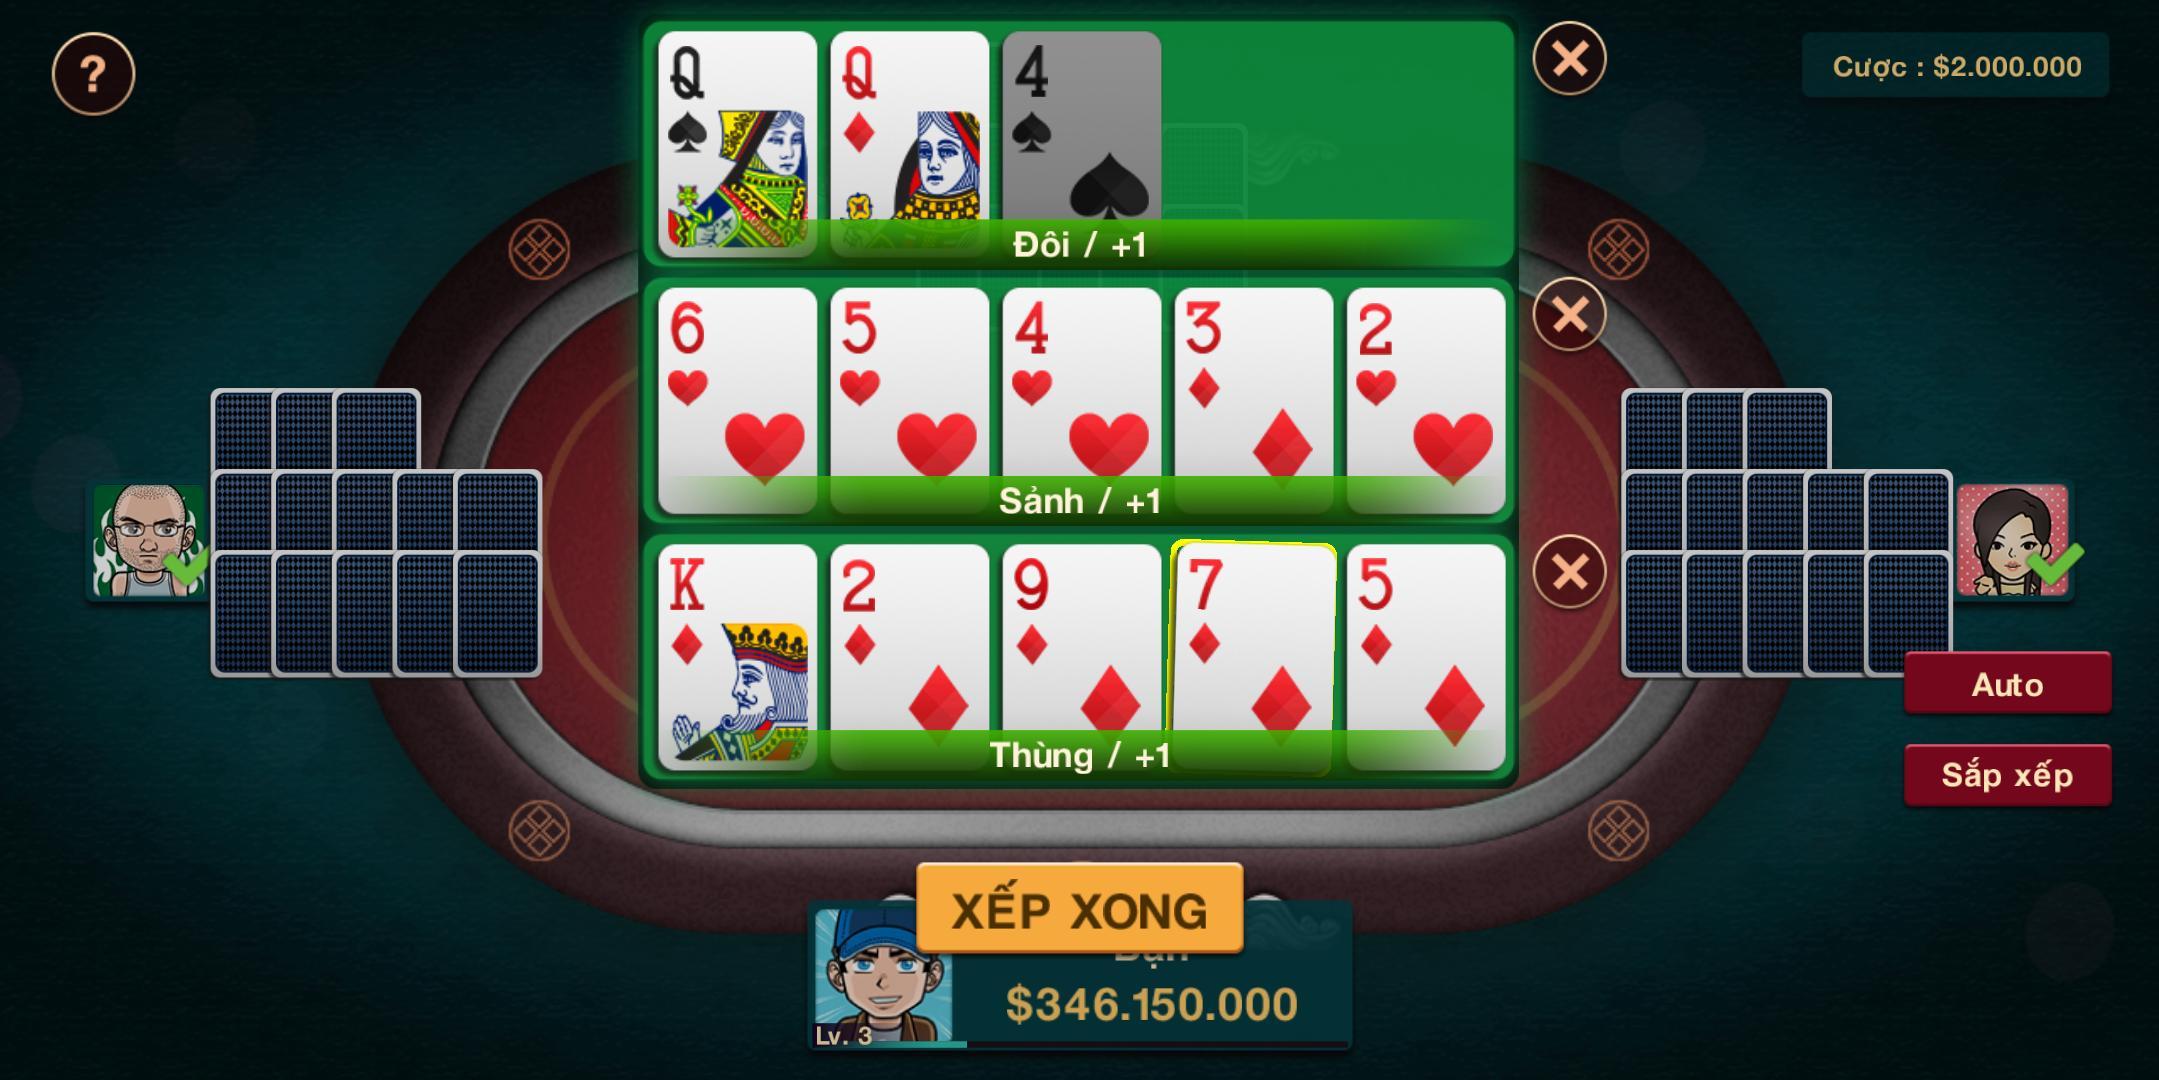 Mậu Binh - Binh Xập Xám 1.4.6 Screenshot 13